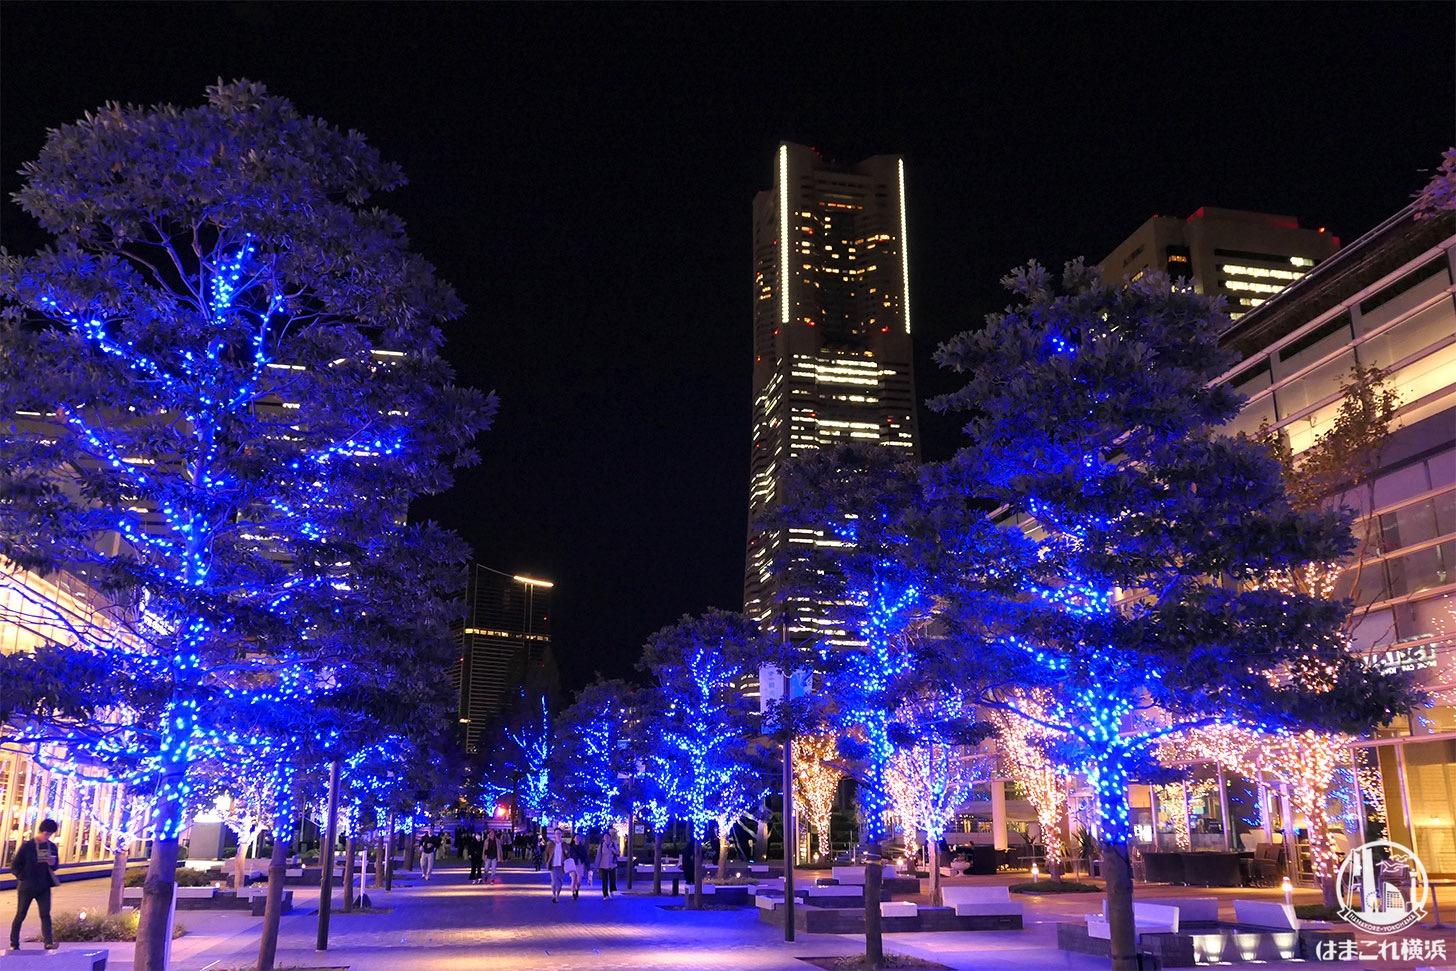 ヨコハマミライトと横浜ランドマークタワー夜景